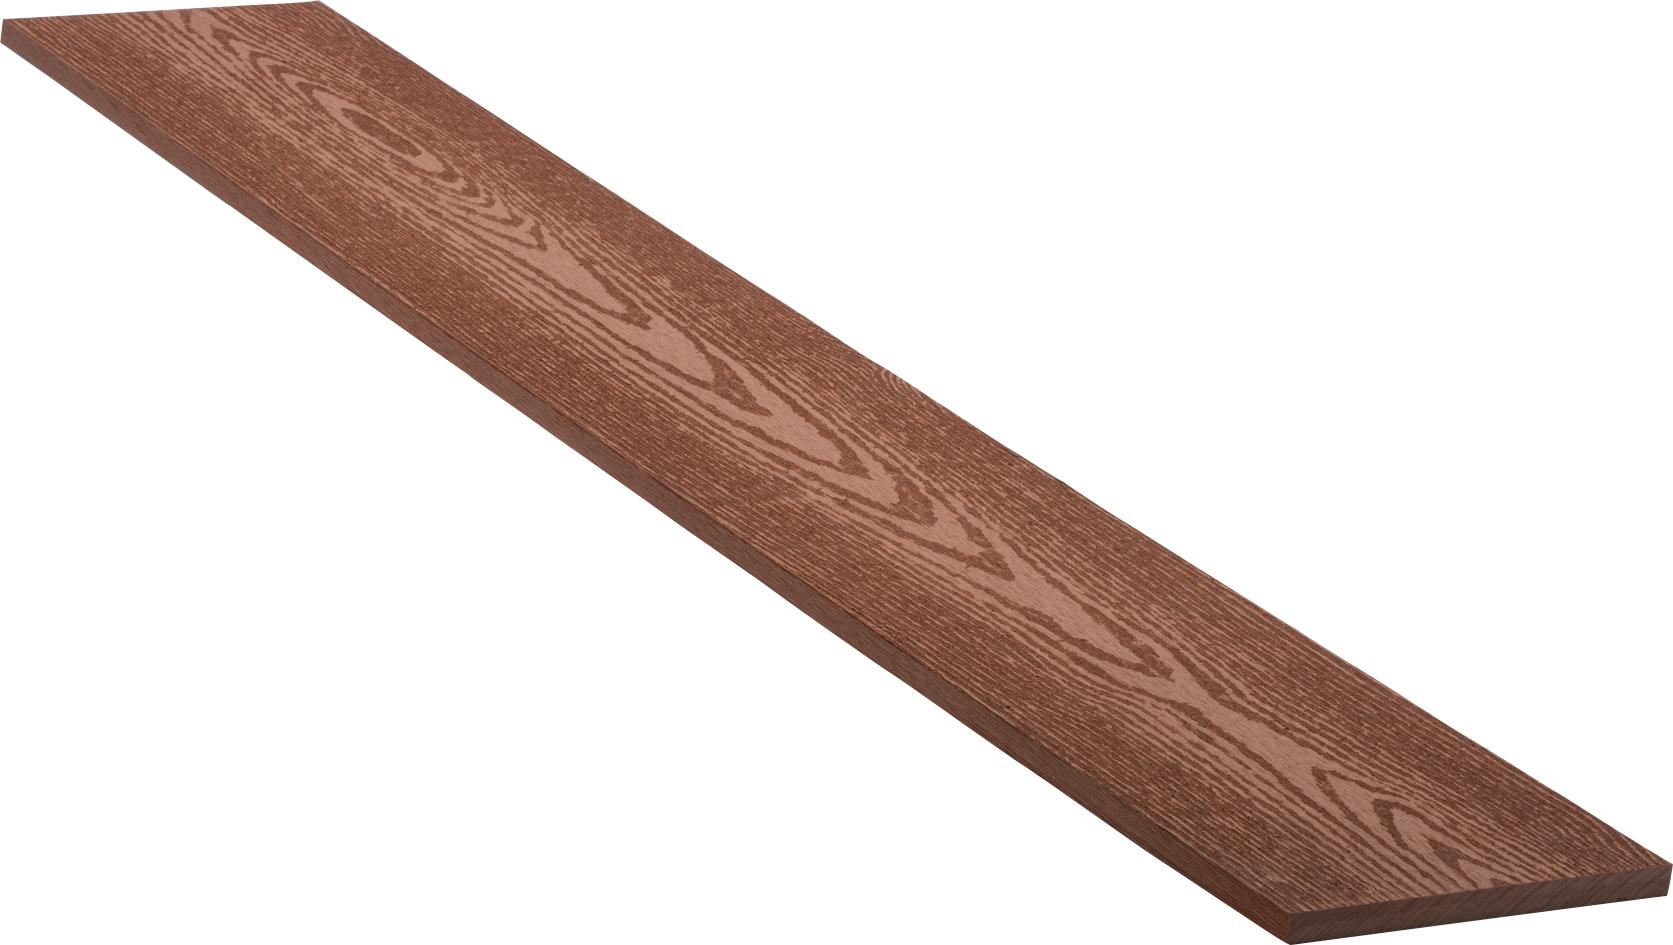 Lišta boční dřevoplastová WPC PERI odstín teak 150×12×2900 mm